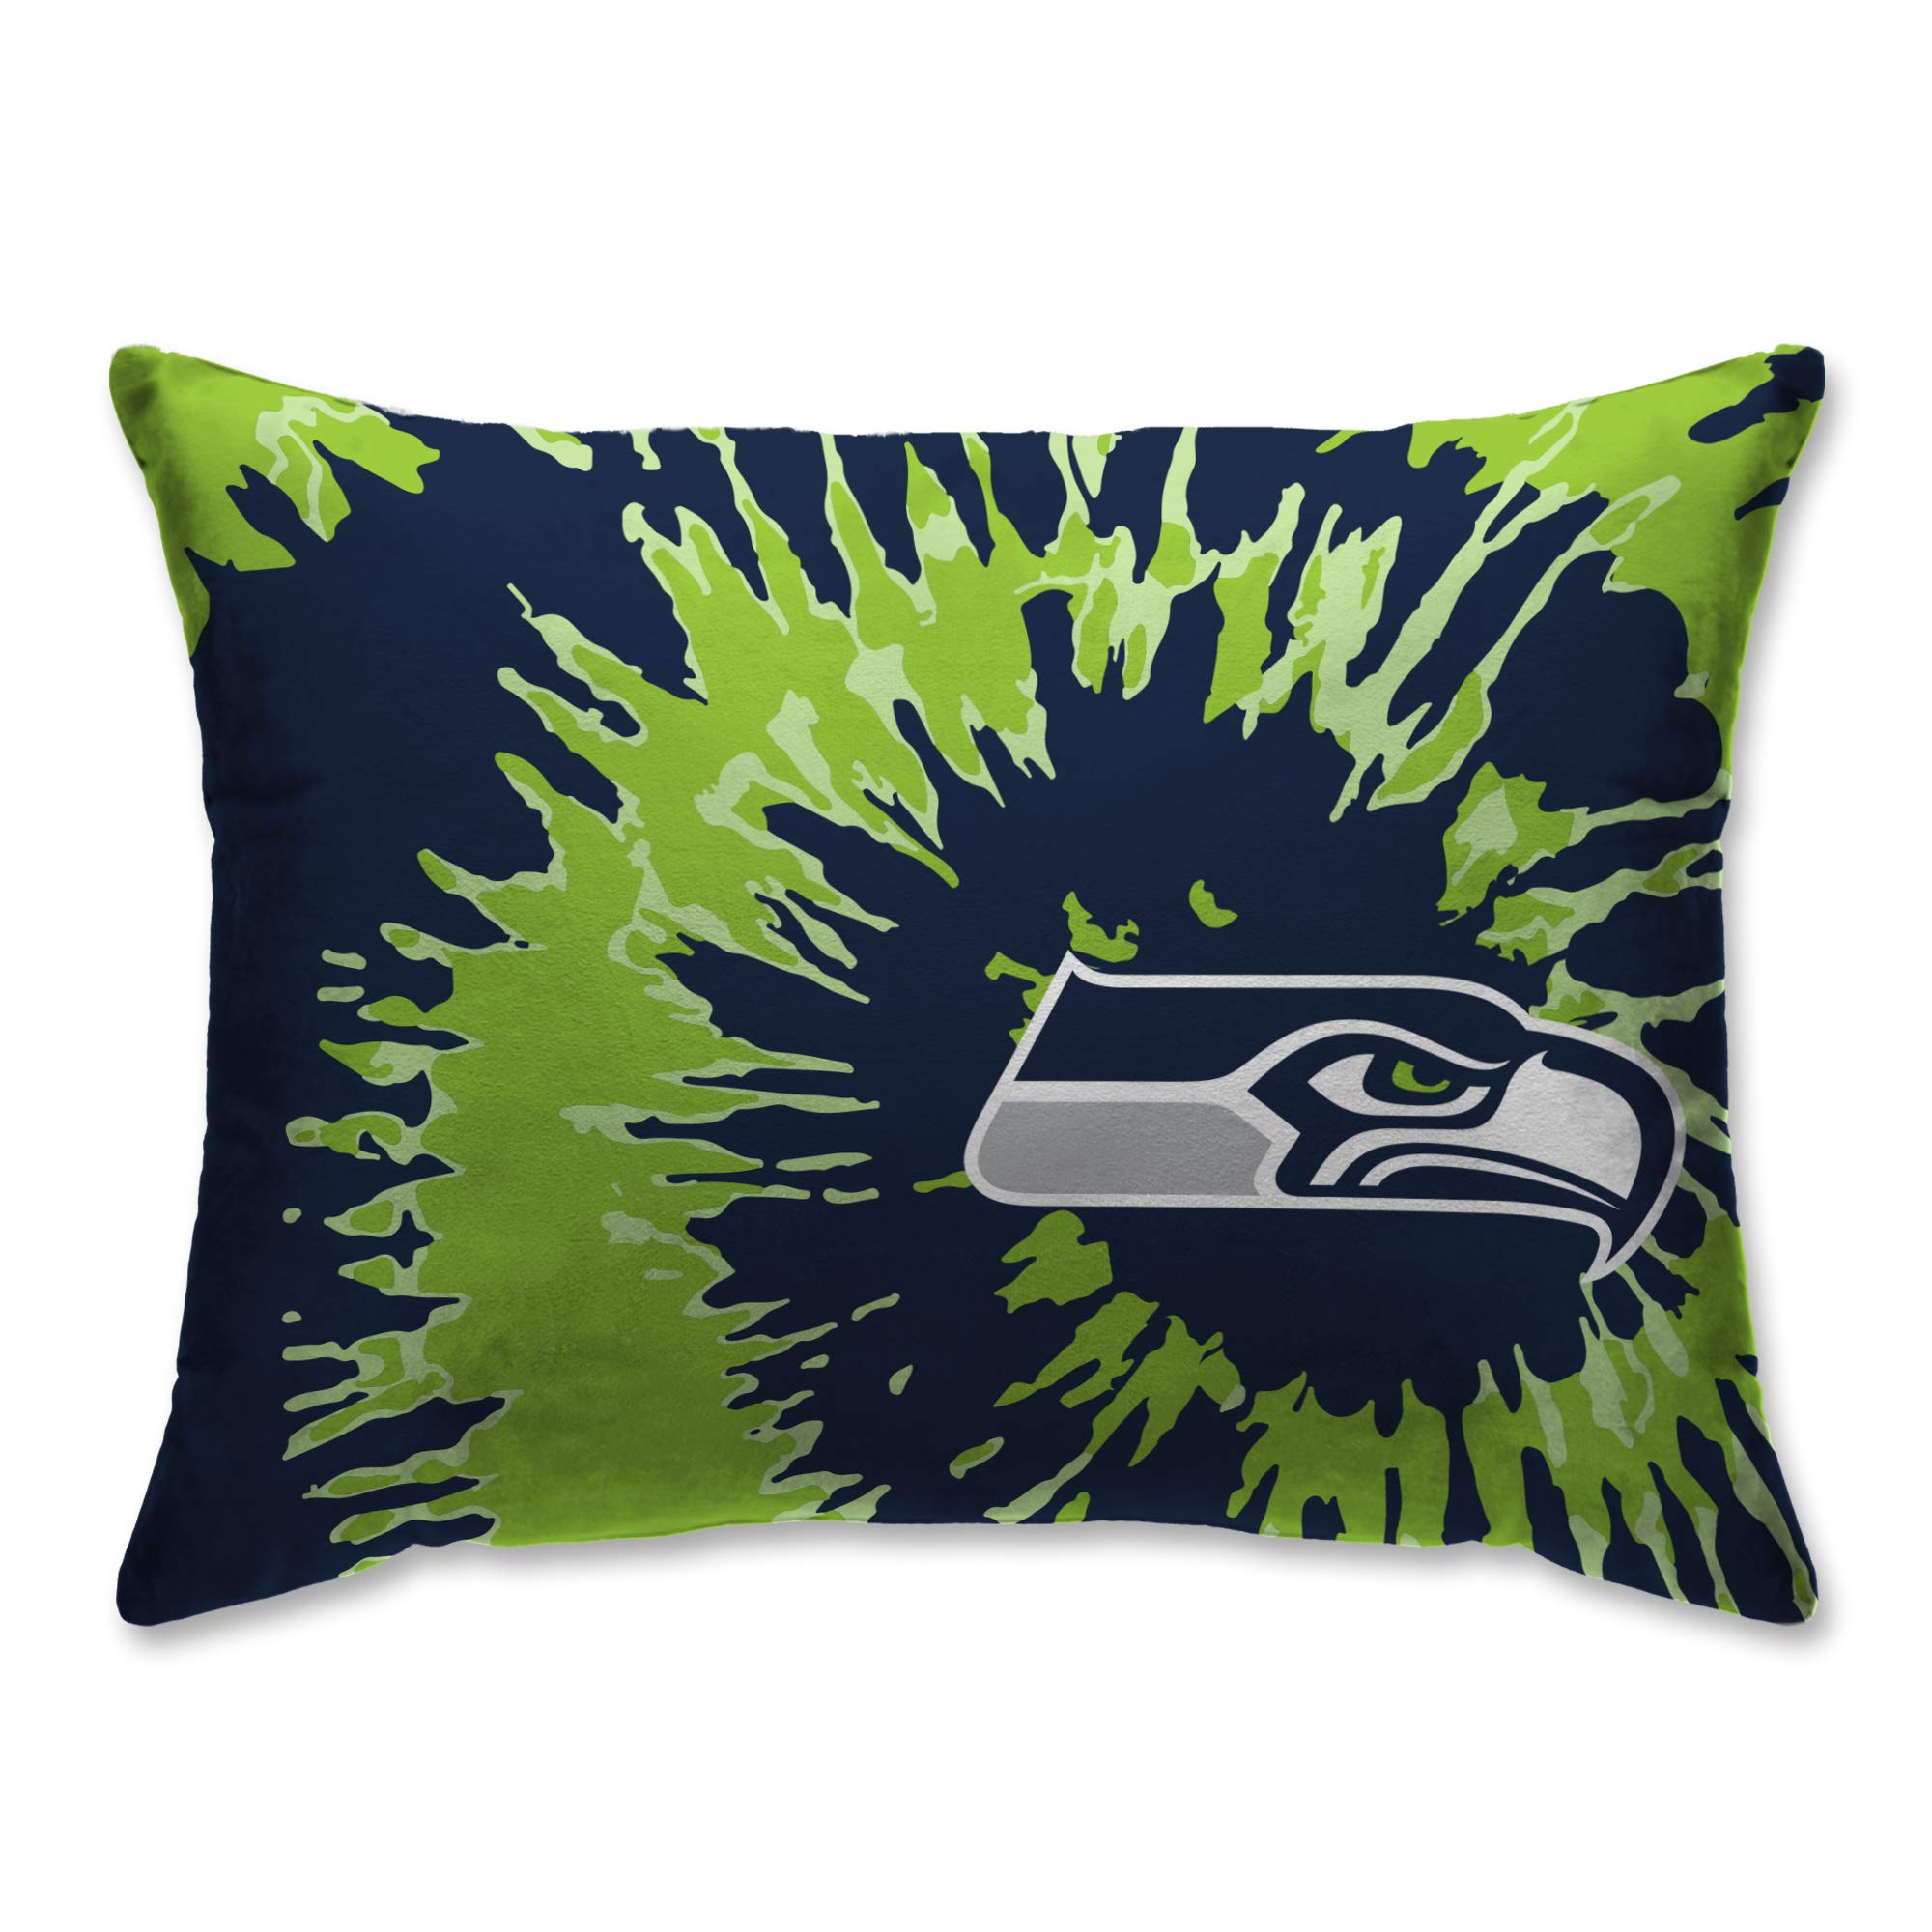 Pegasus Sports Seattle Seahawks Tie Dye 20'' x 26'' Plush Bed Pillow, Set of 2#282291756 by Pegasus Sports